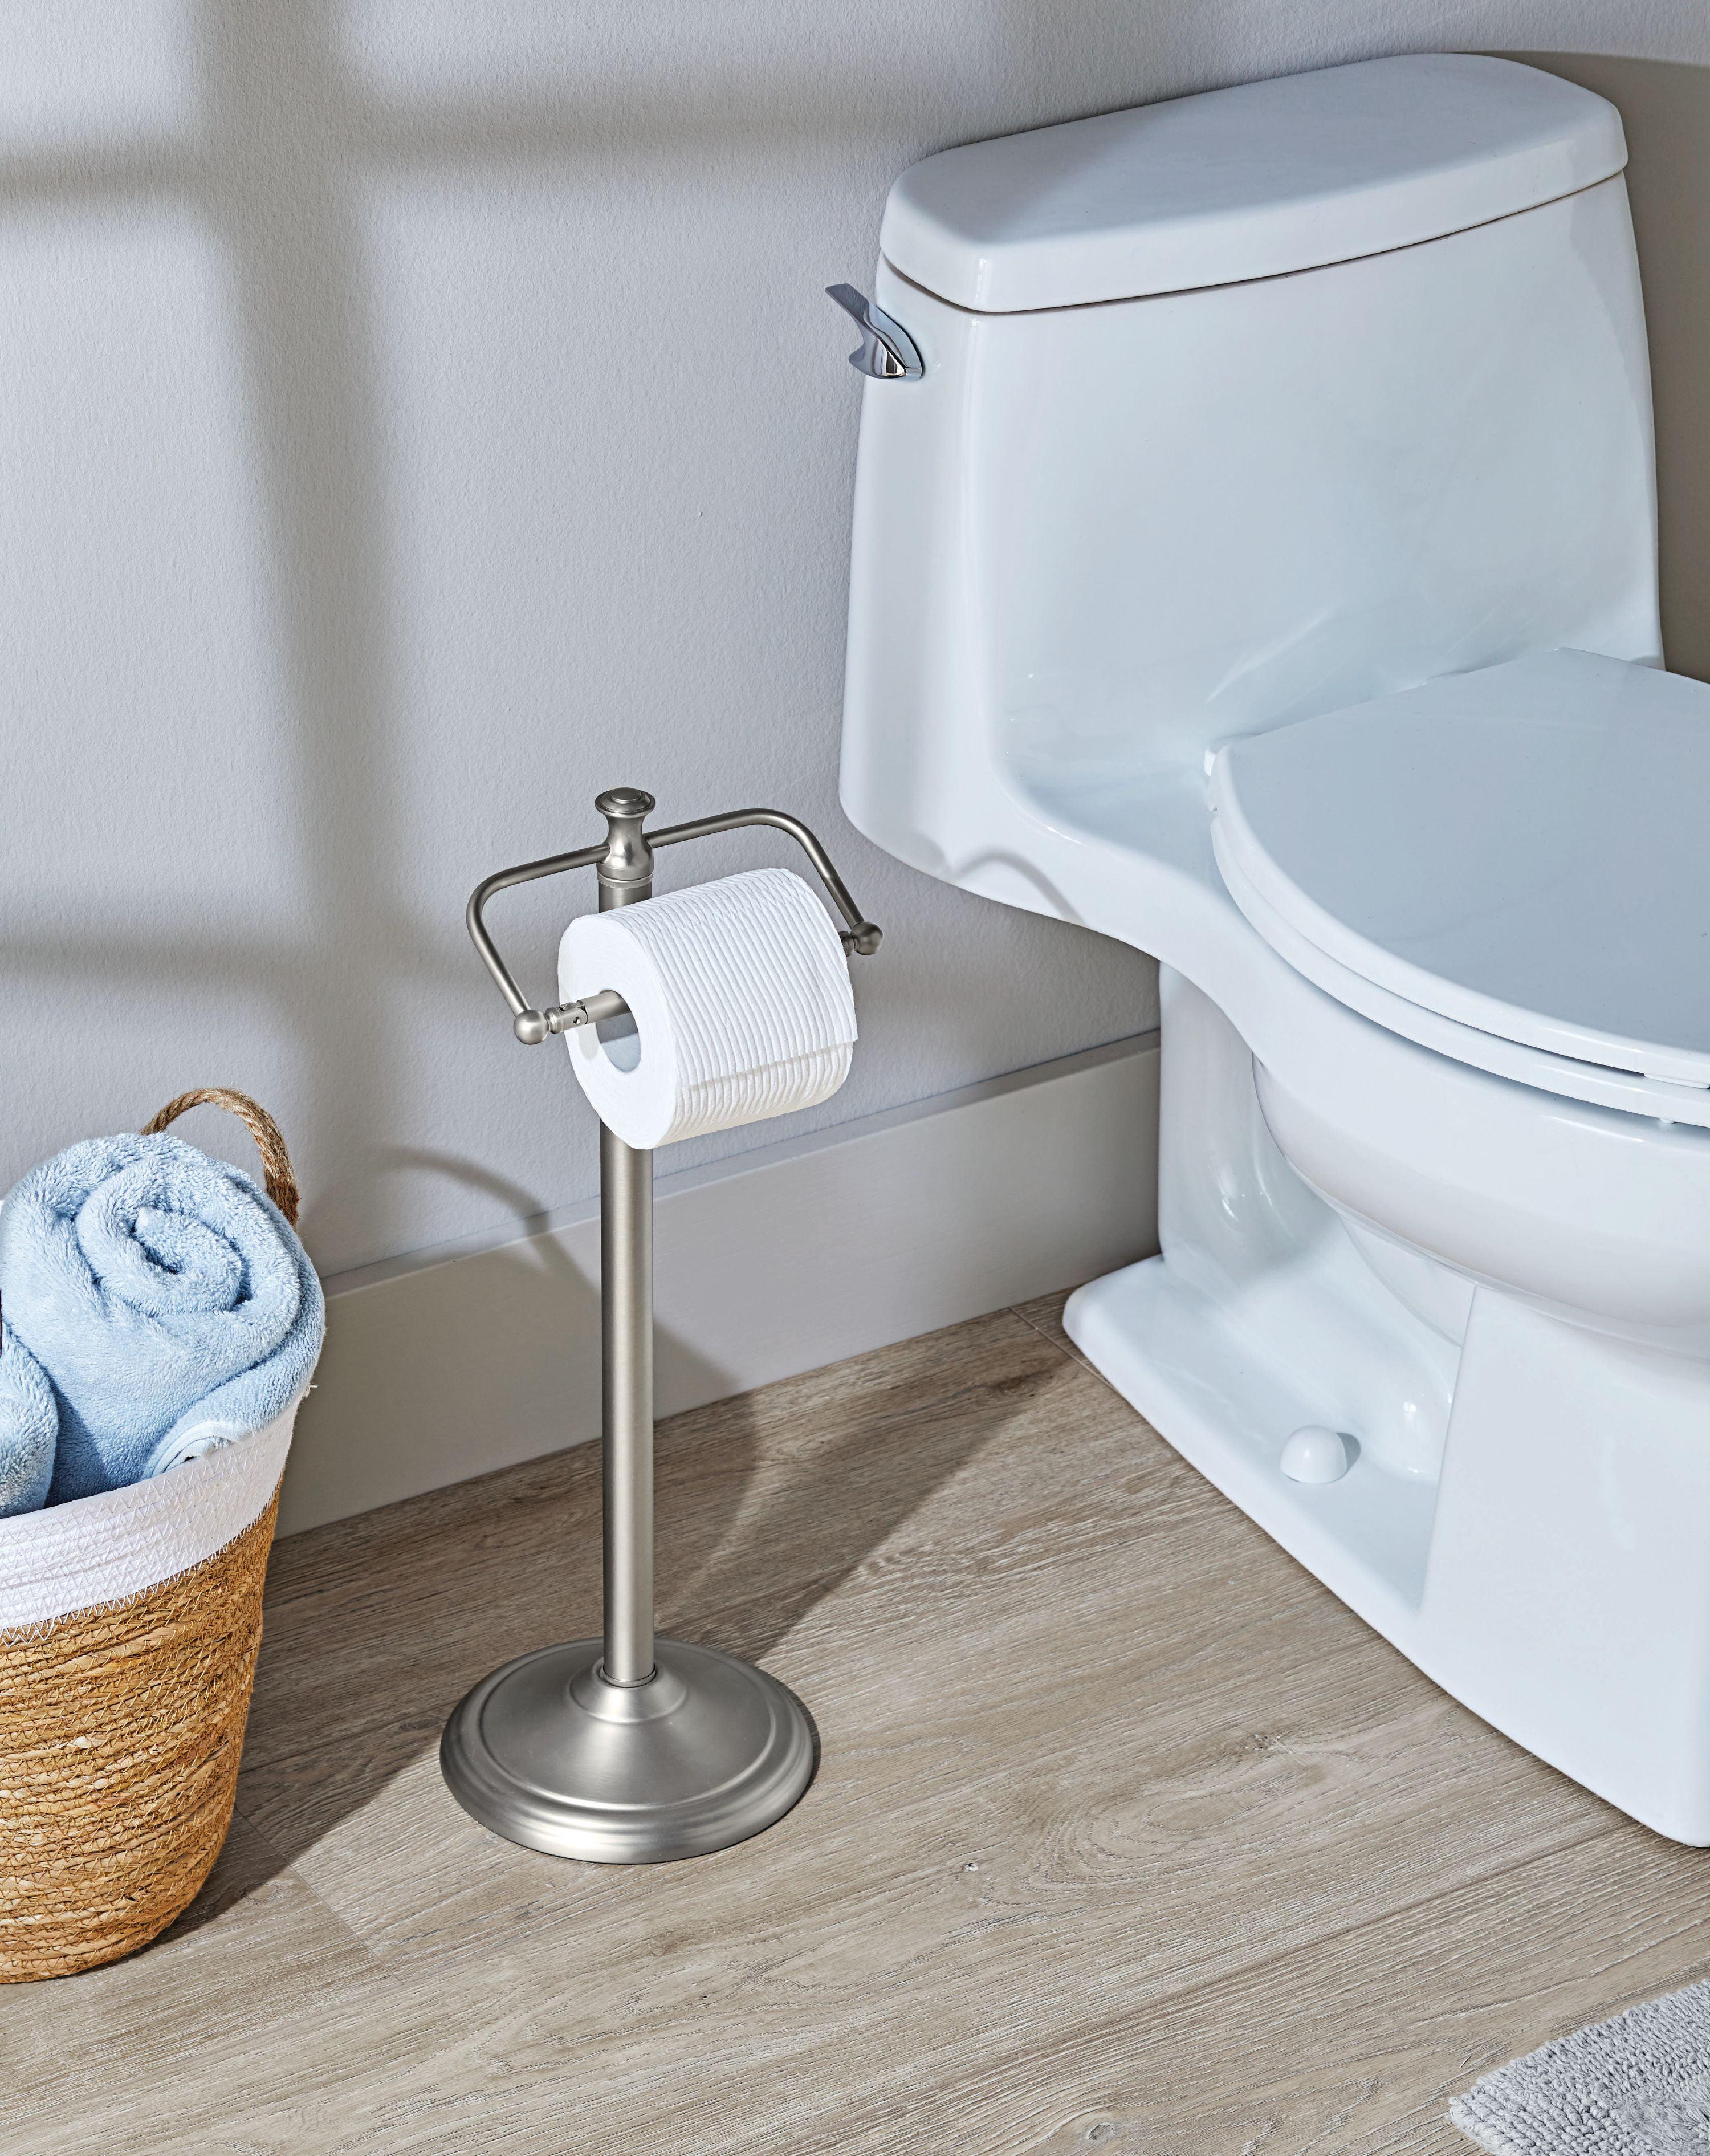 Satin Nickel Standing Toilet Paper